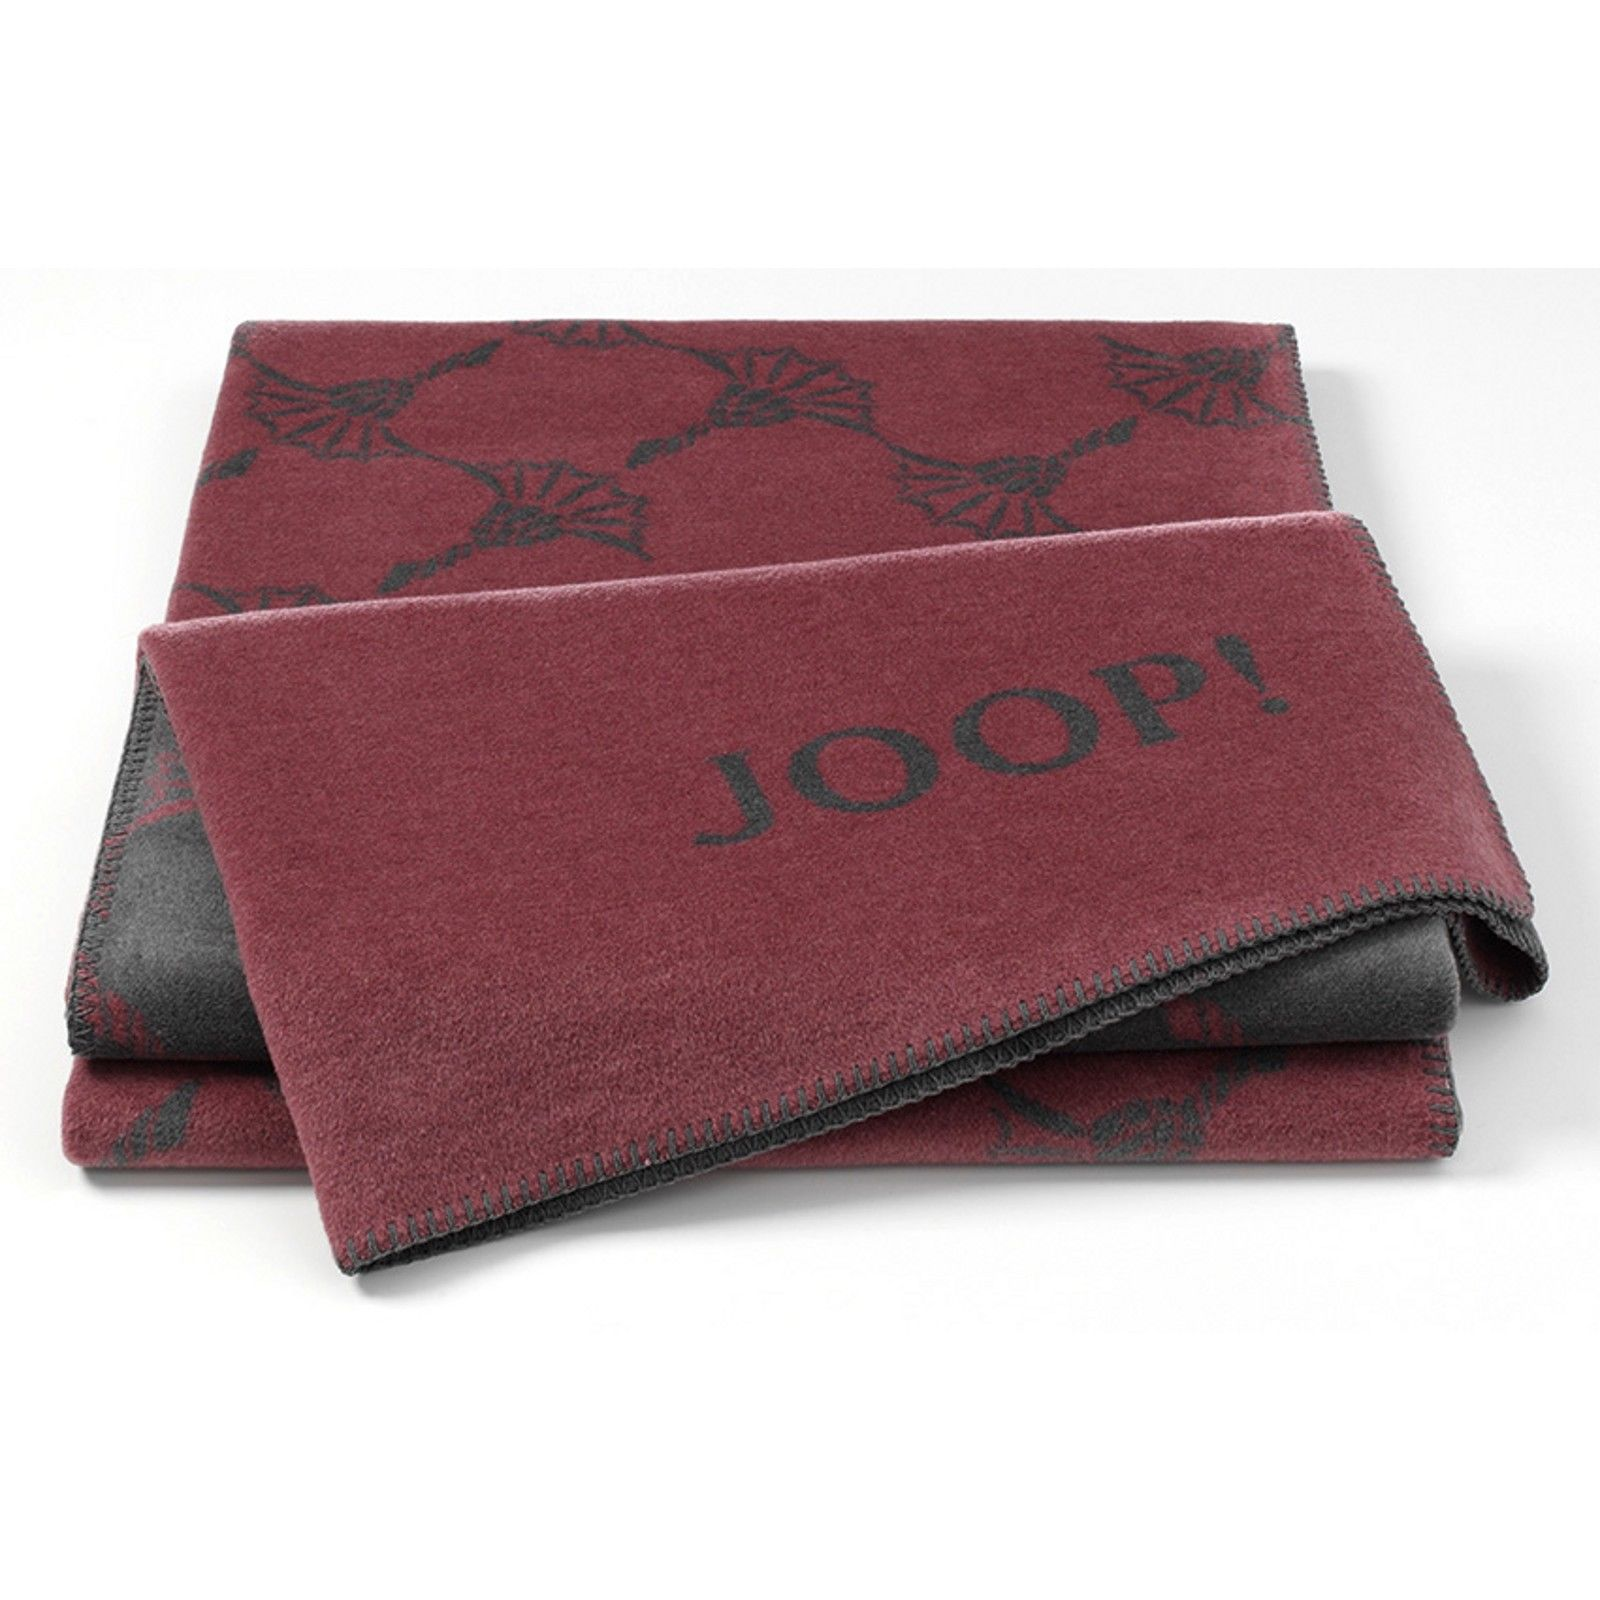 JOOP! New Cornflower Wohndecke 150x200 Baumwollmischung 716477 Rouge-Schiefer